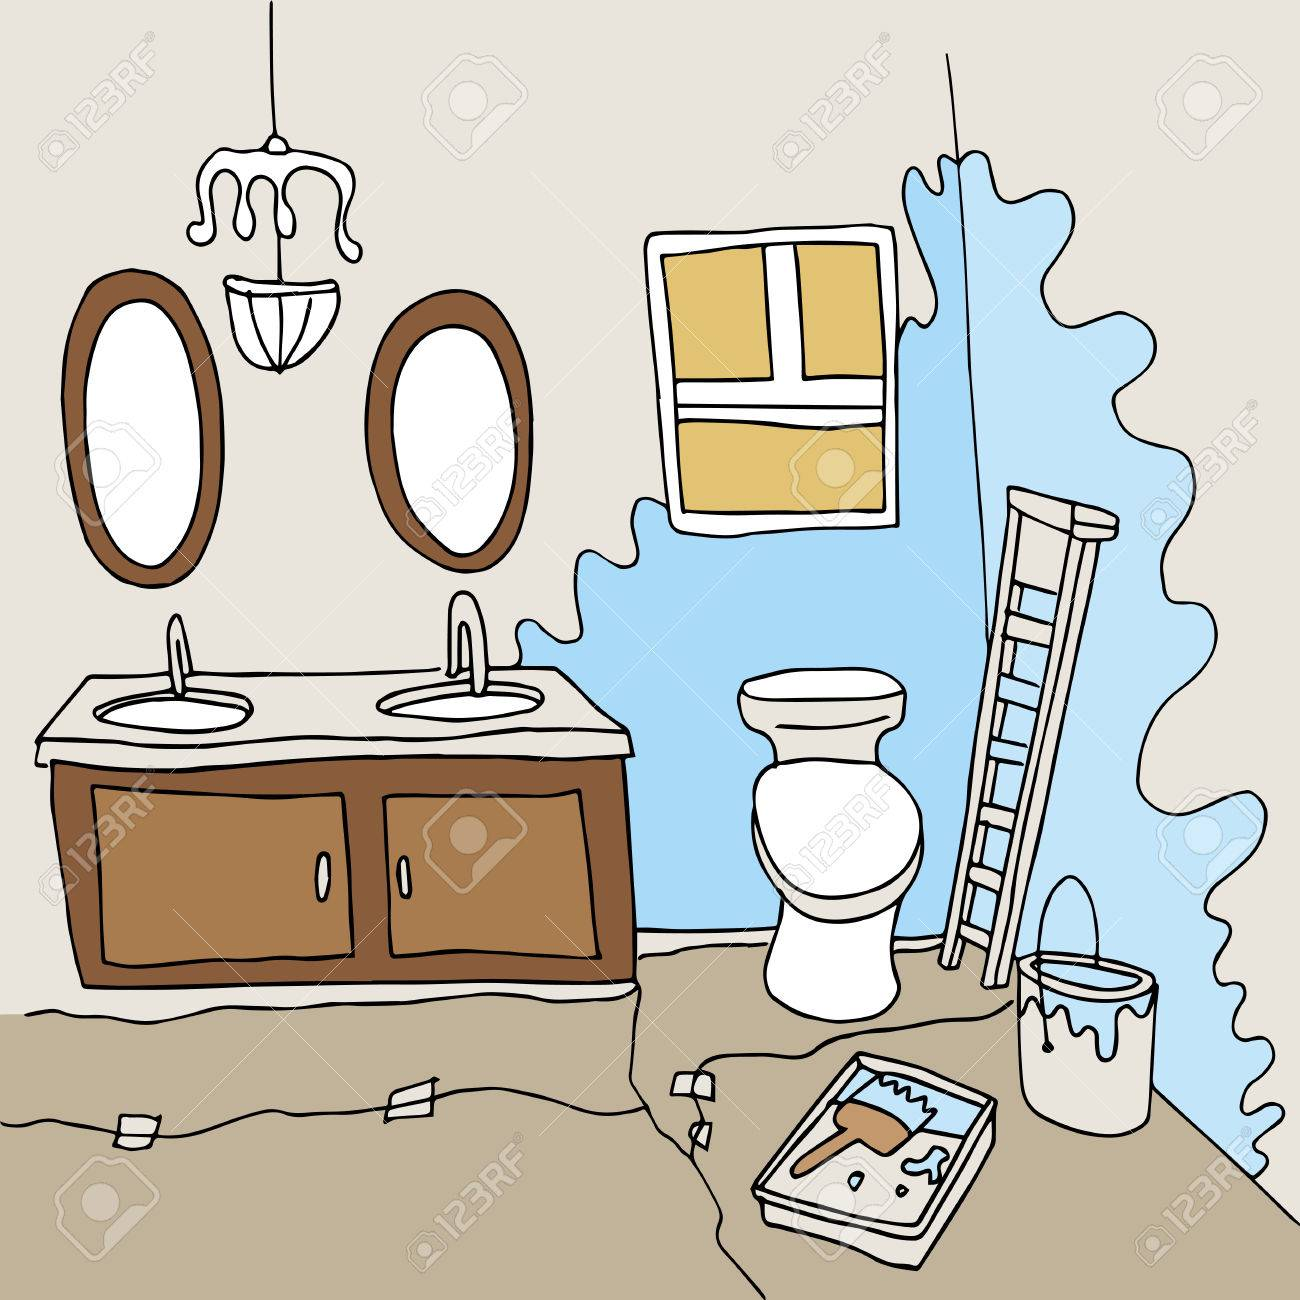 Ein Badezimmer, Gemalt. Lizenzfreie Bilder   28379896